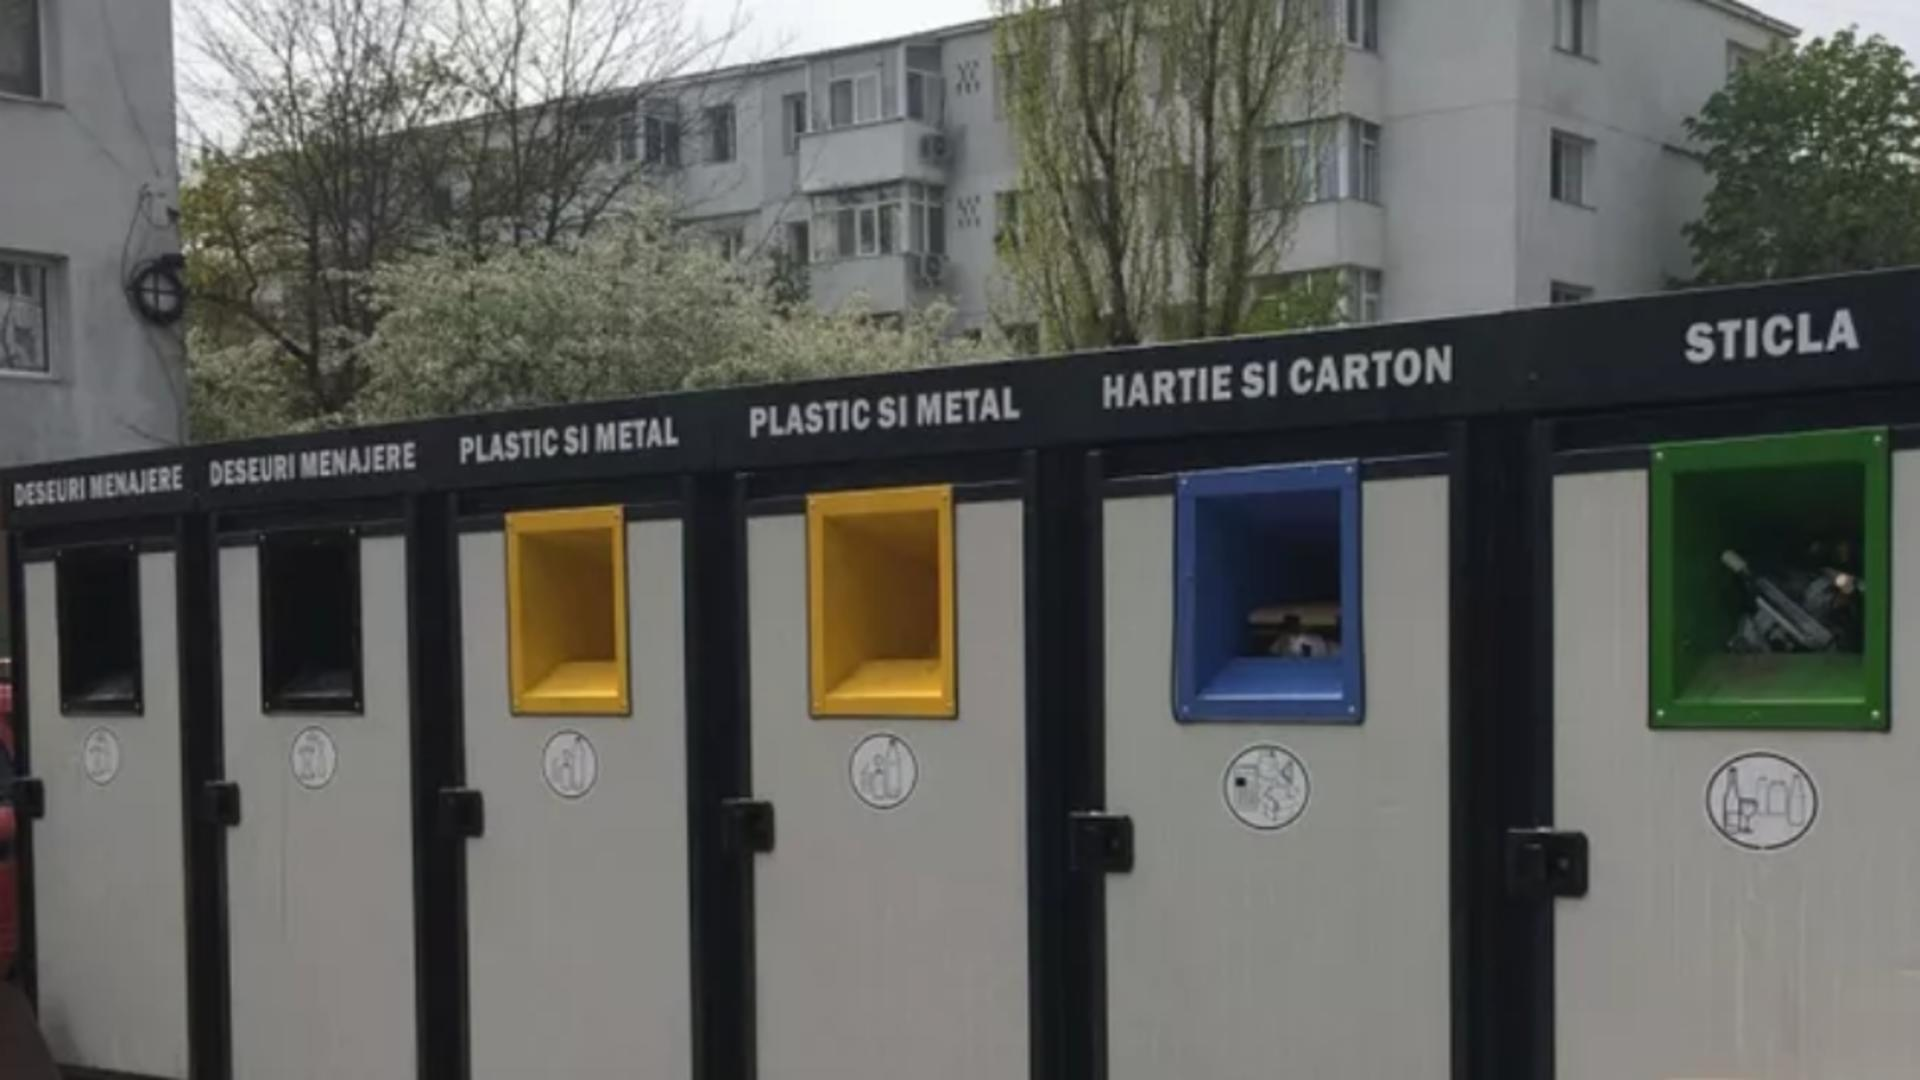 România, codașă la colectarea selectivă a deșeurilor în UE, are un oraș unde decurge bine - Cum au fost convinși oamenii